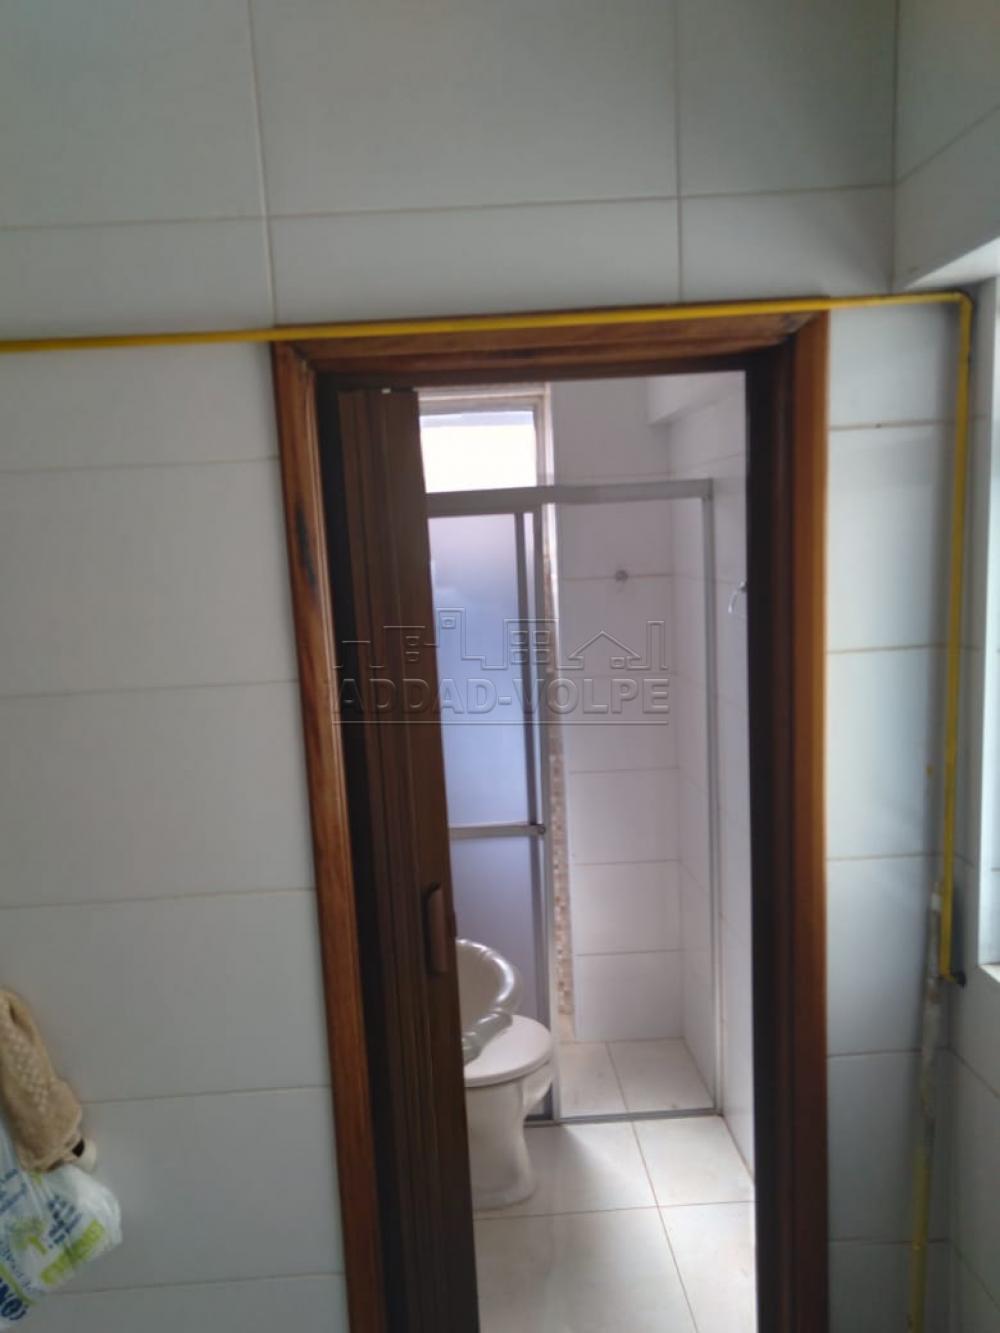 Alugar Apartamento / Padrão em Bauru R$ 1.000,00 - Foto 6